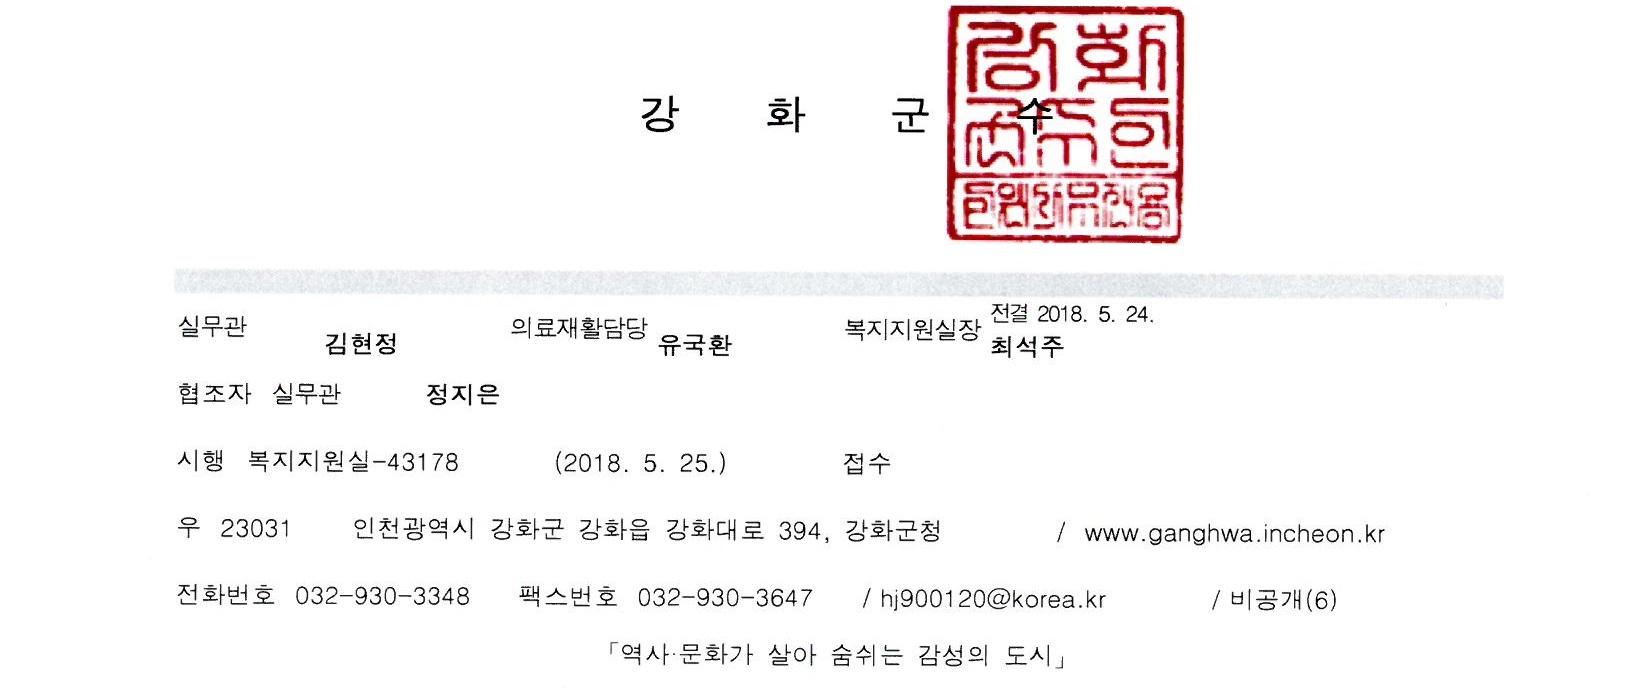 18.5.25 기초생활보장 부적합 결정 안내_강화군 공문_복지지원실-43178_2.jpg